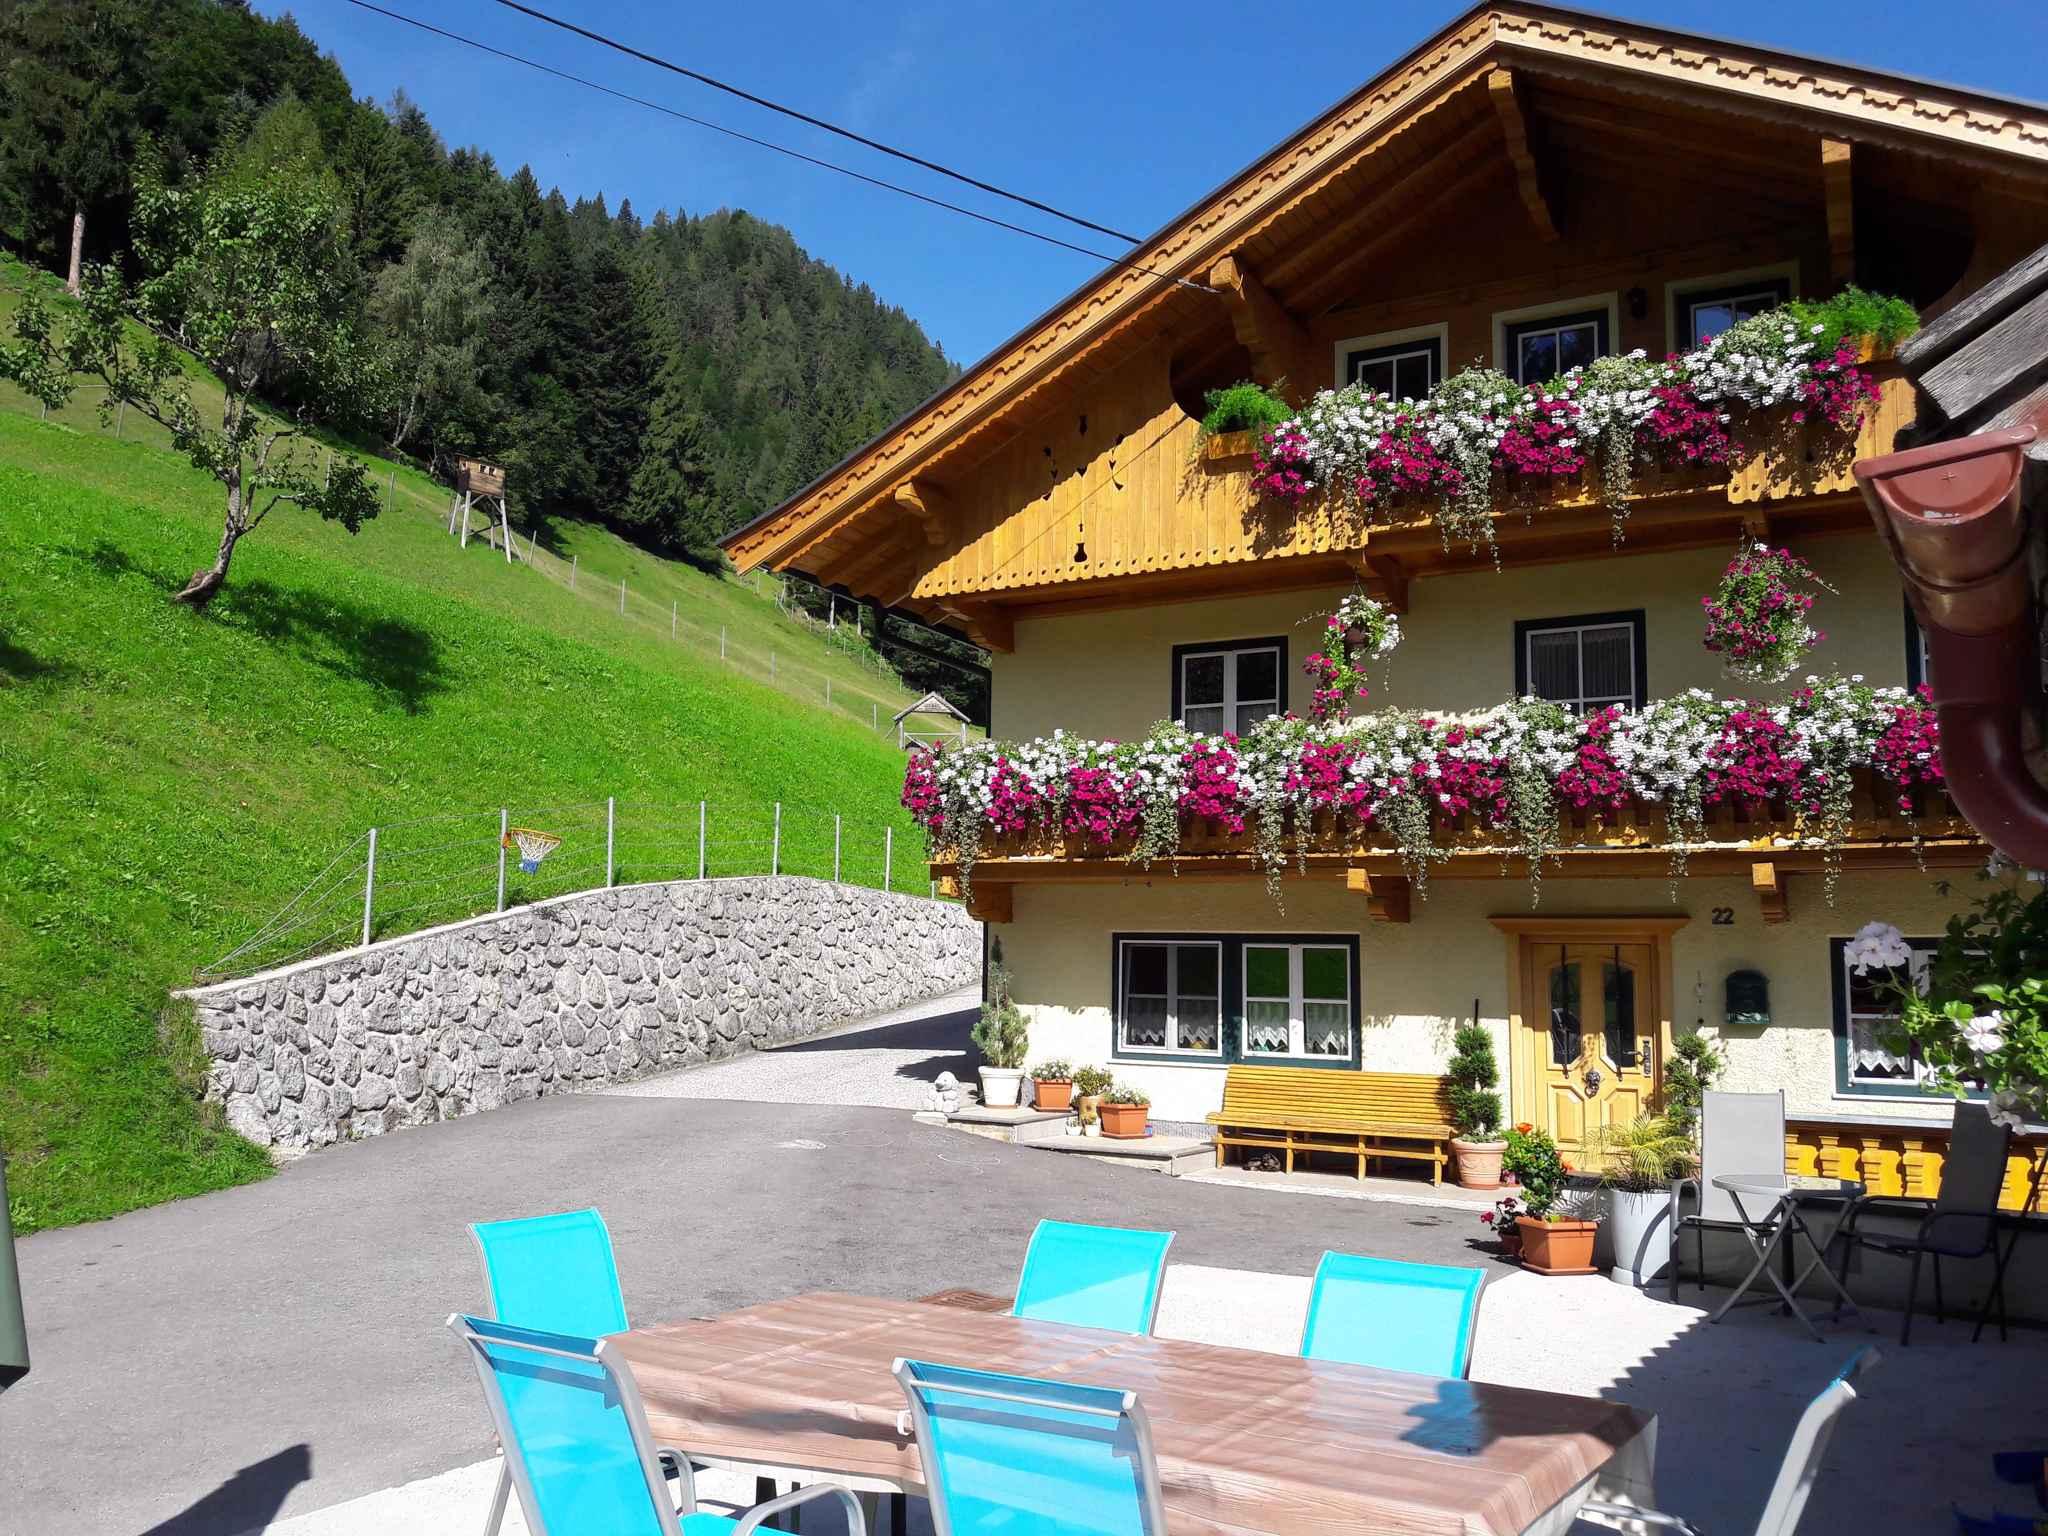 Ferienwohnung am Bauernhof Bauernhof in Österreich